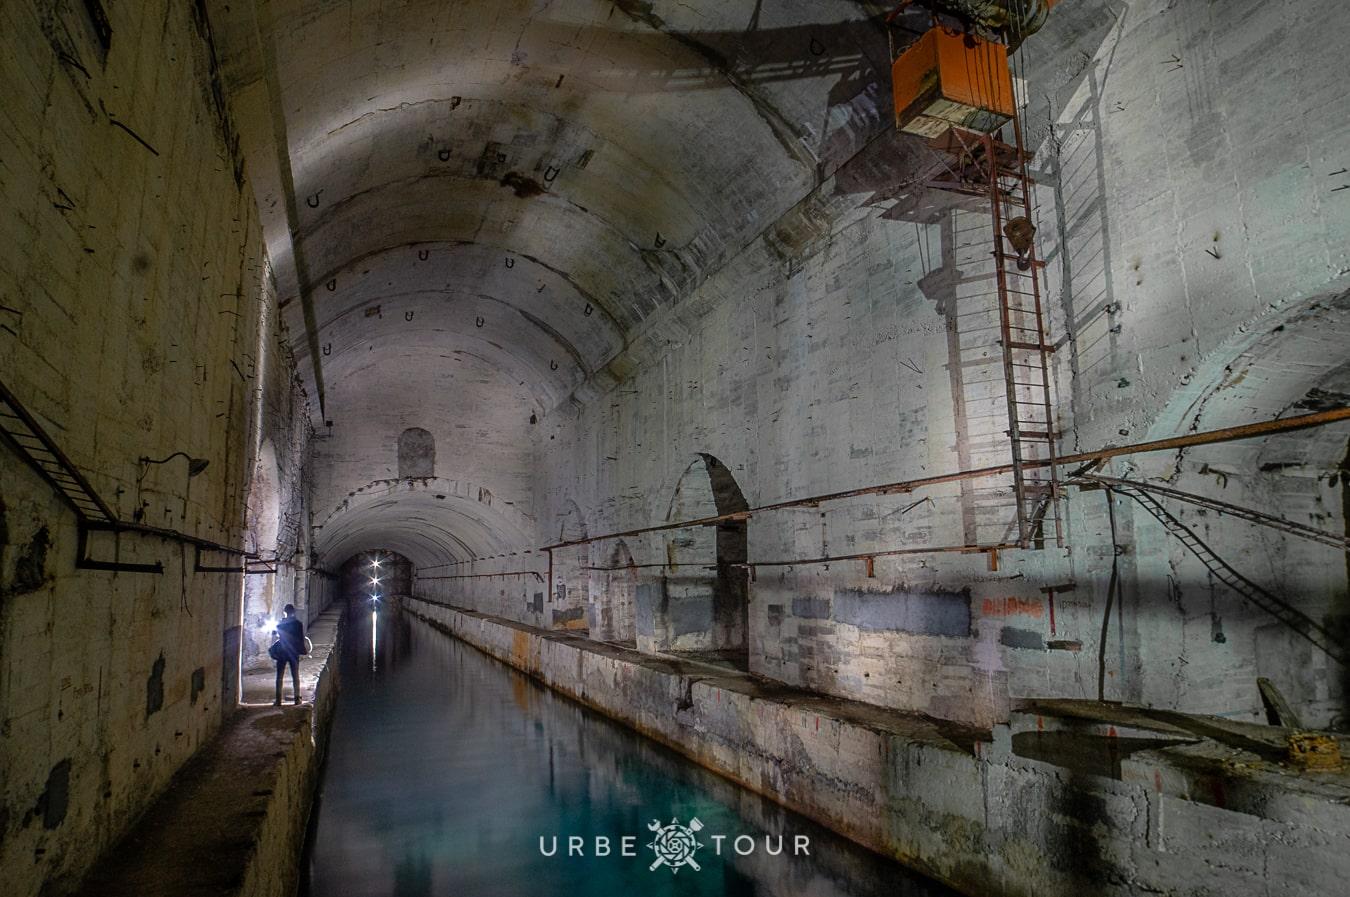 porto-palermo-submarine-base-albania-8 Подземная база для подводных лодок в Порто Палермо, Албания